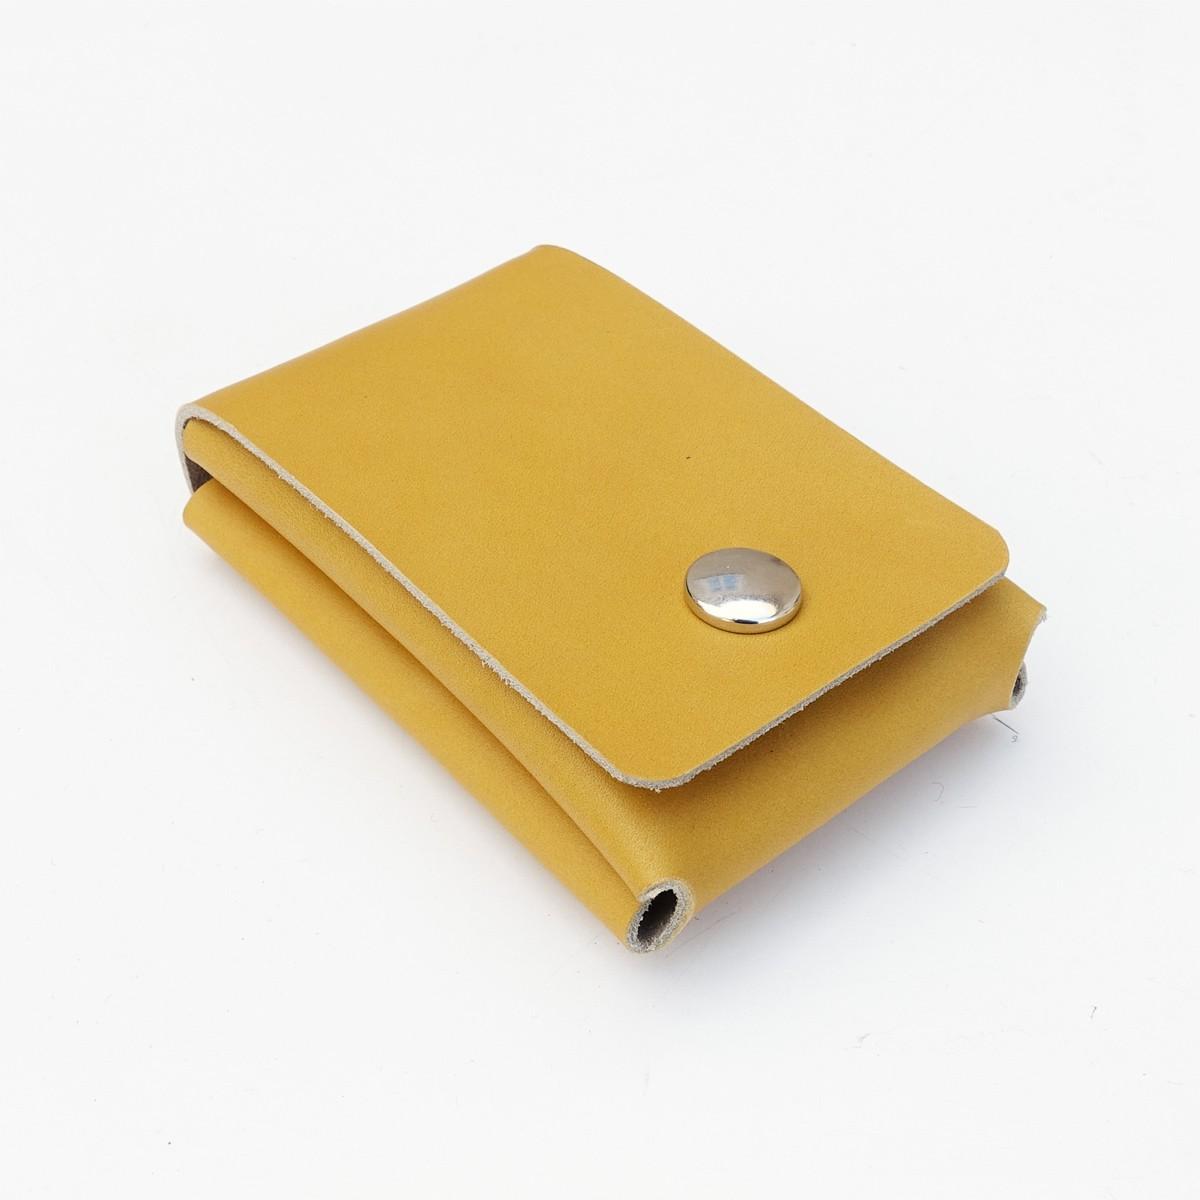 EINFACHDESIGN, Geldbörse mini, Gelbeutel, Slimwallet,Leder, handgenäht, viele Farben